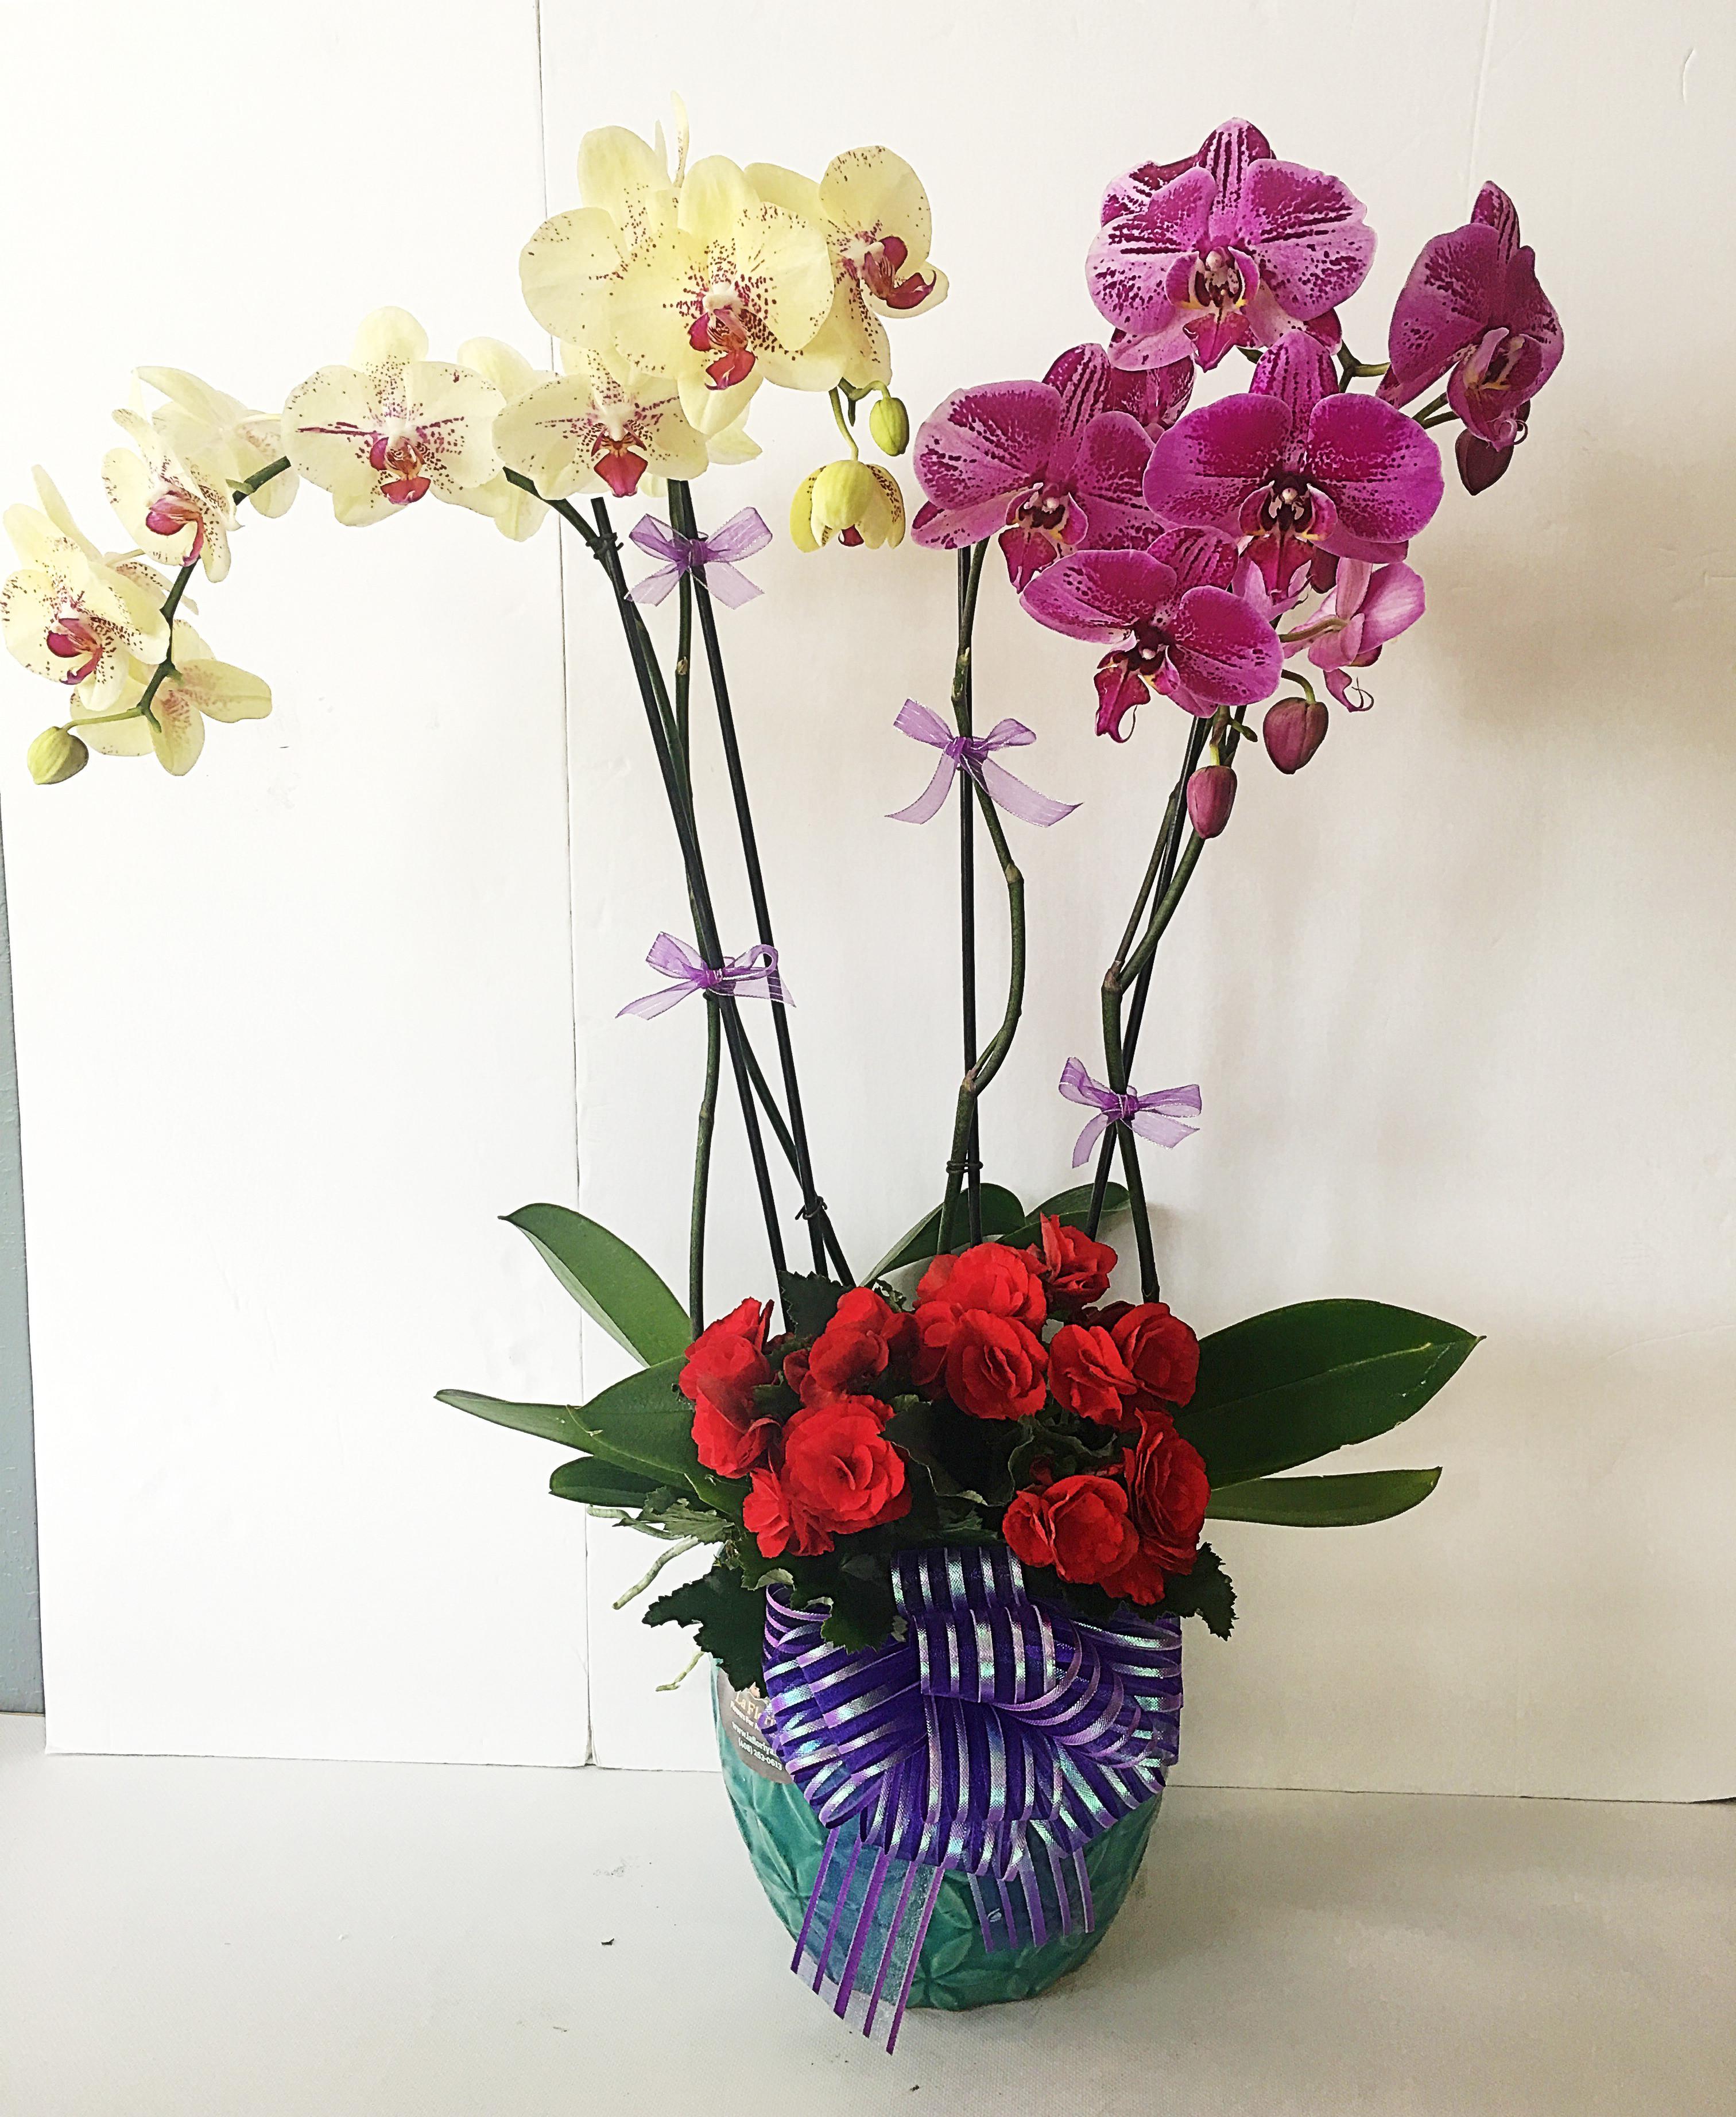 Chậu hoa lan hồ điệp kết hợp màu tím và màu vàng độc đáo